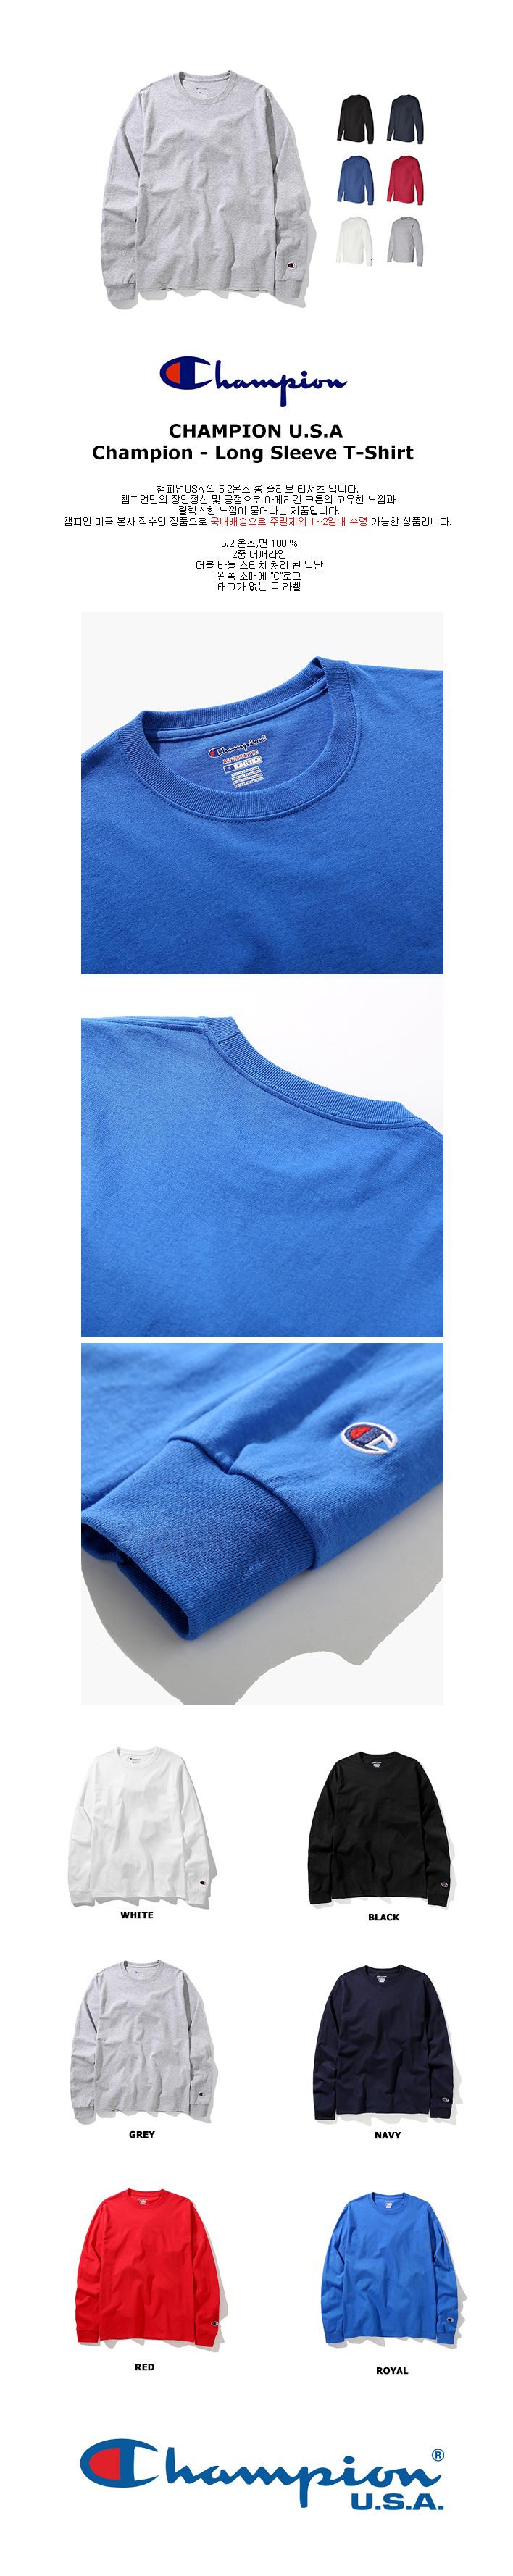 챔피온(CHAMPION) 챔피온 롱슬리브 티셔츠 6color